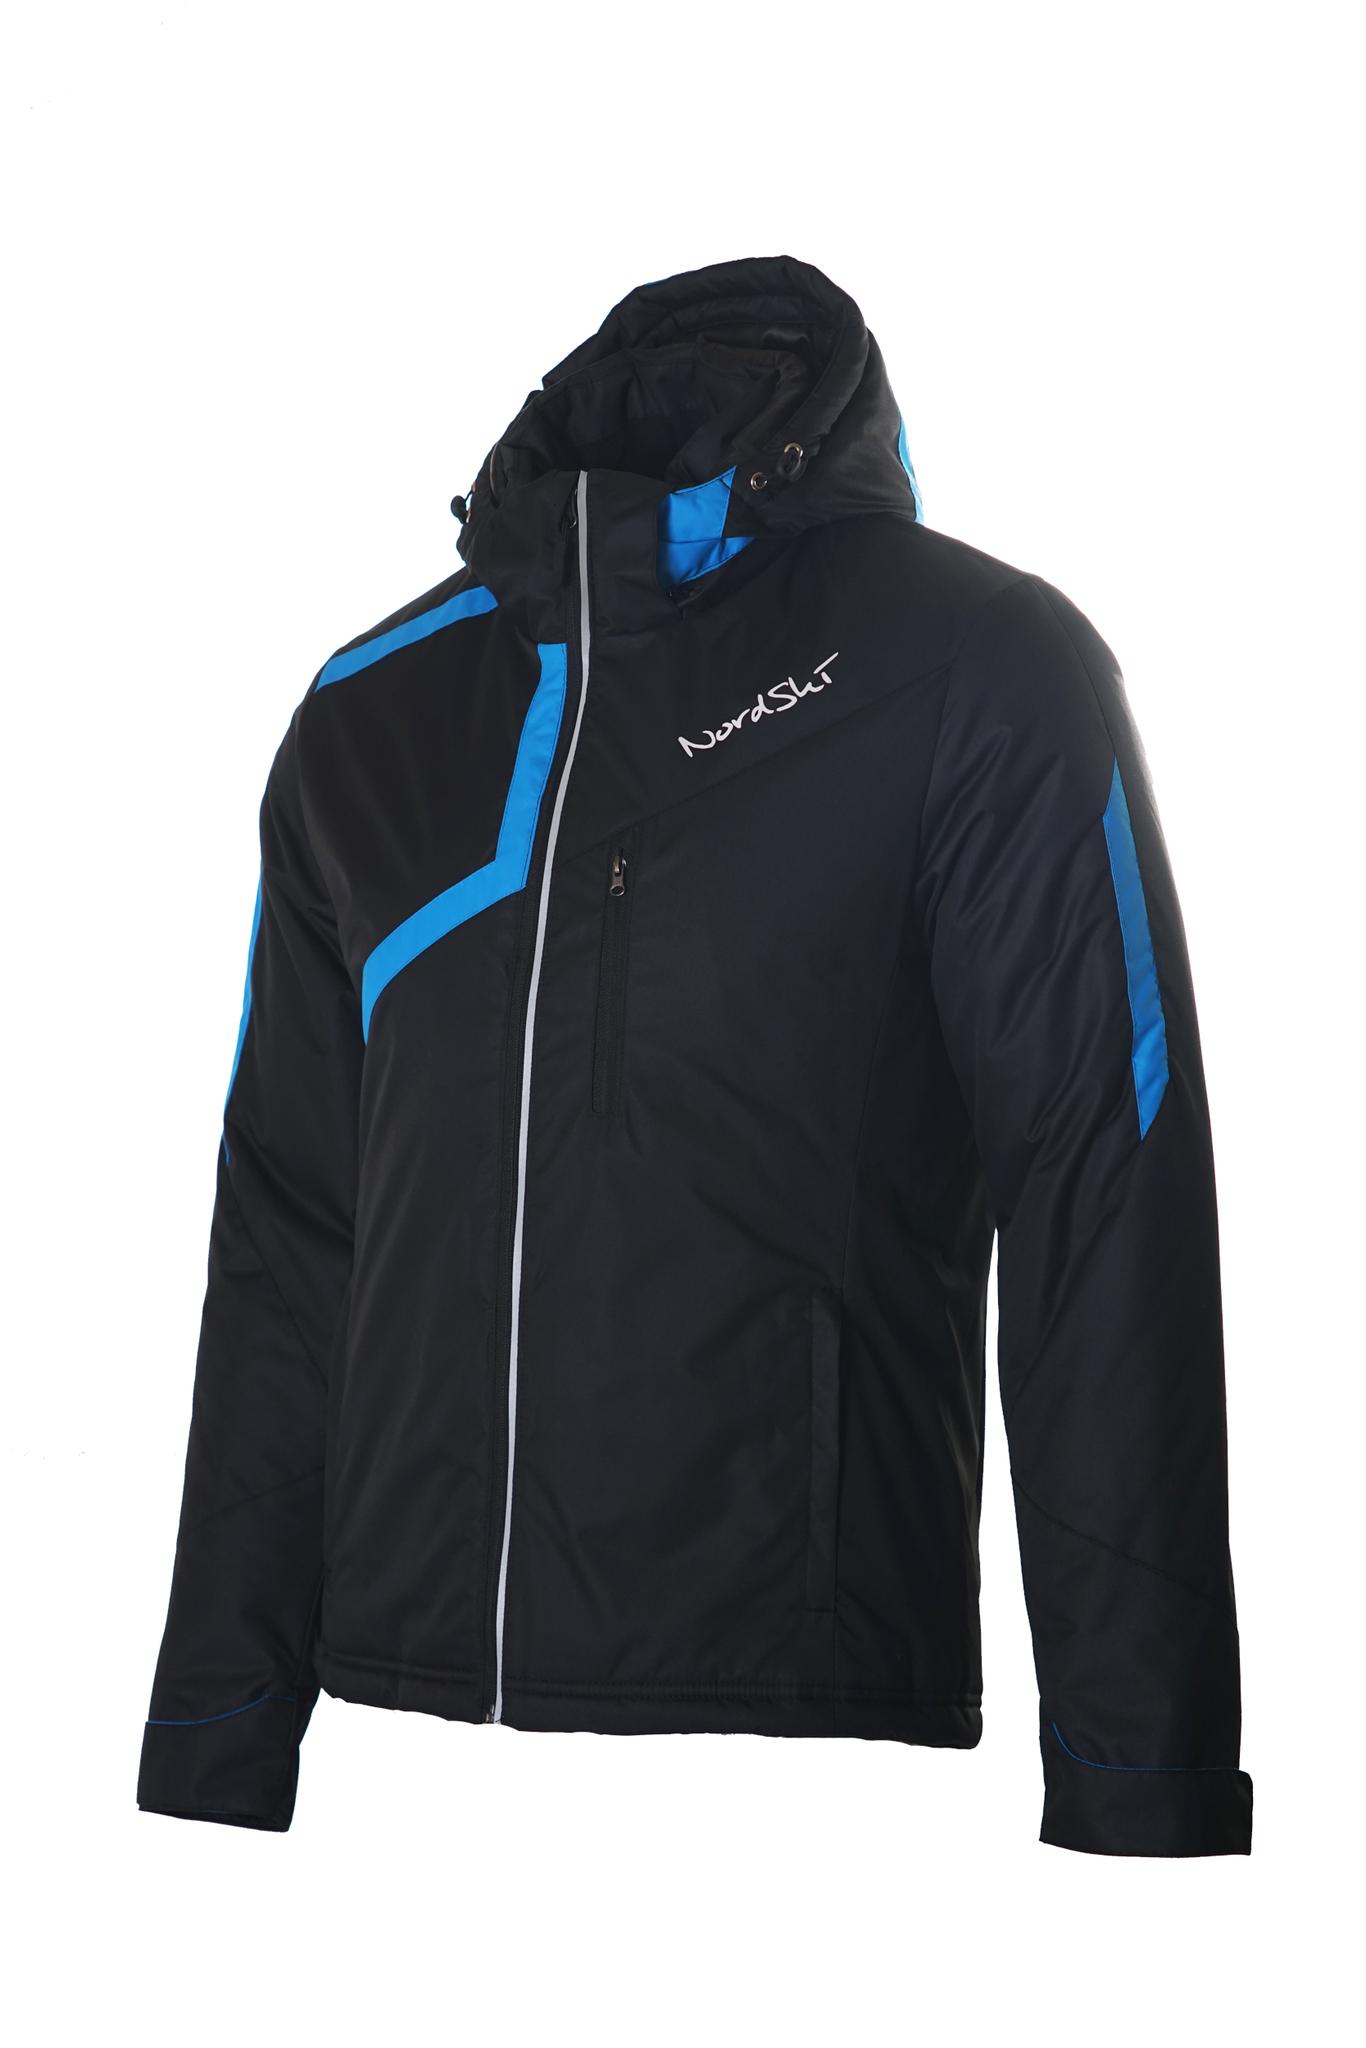 Теплая прогулочная лыжная куртка Nordski до -35°С